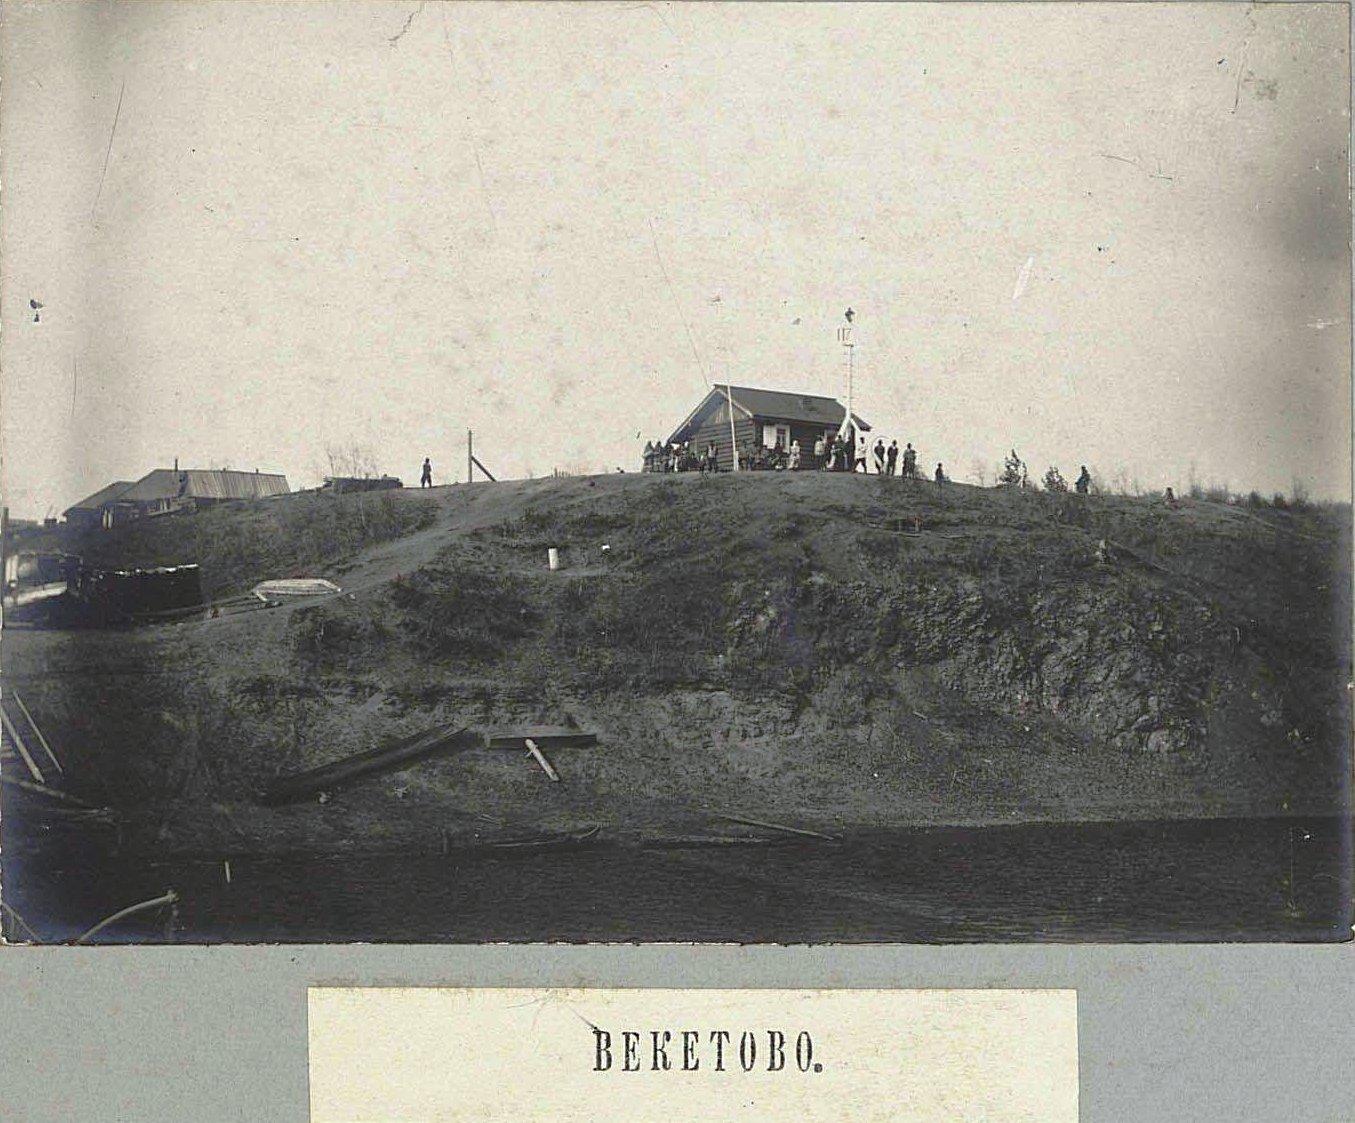 Векетово